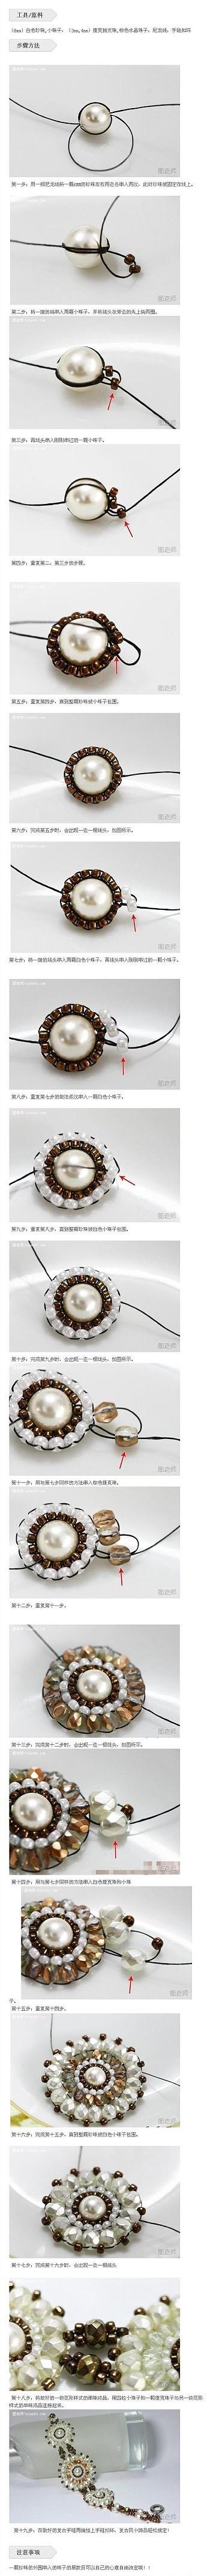 #howtomake a beautiful beaded bracelet! | #comefare un braccialetto di perline stupendo! | #DIY #bracelet #faidate